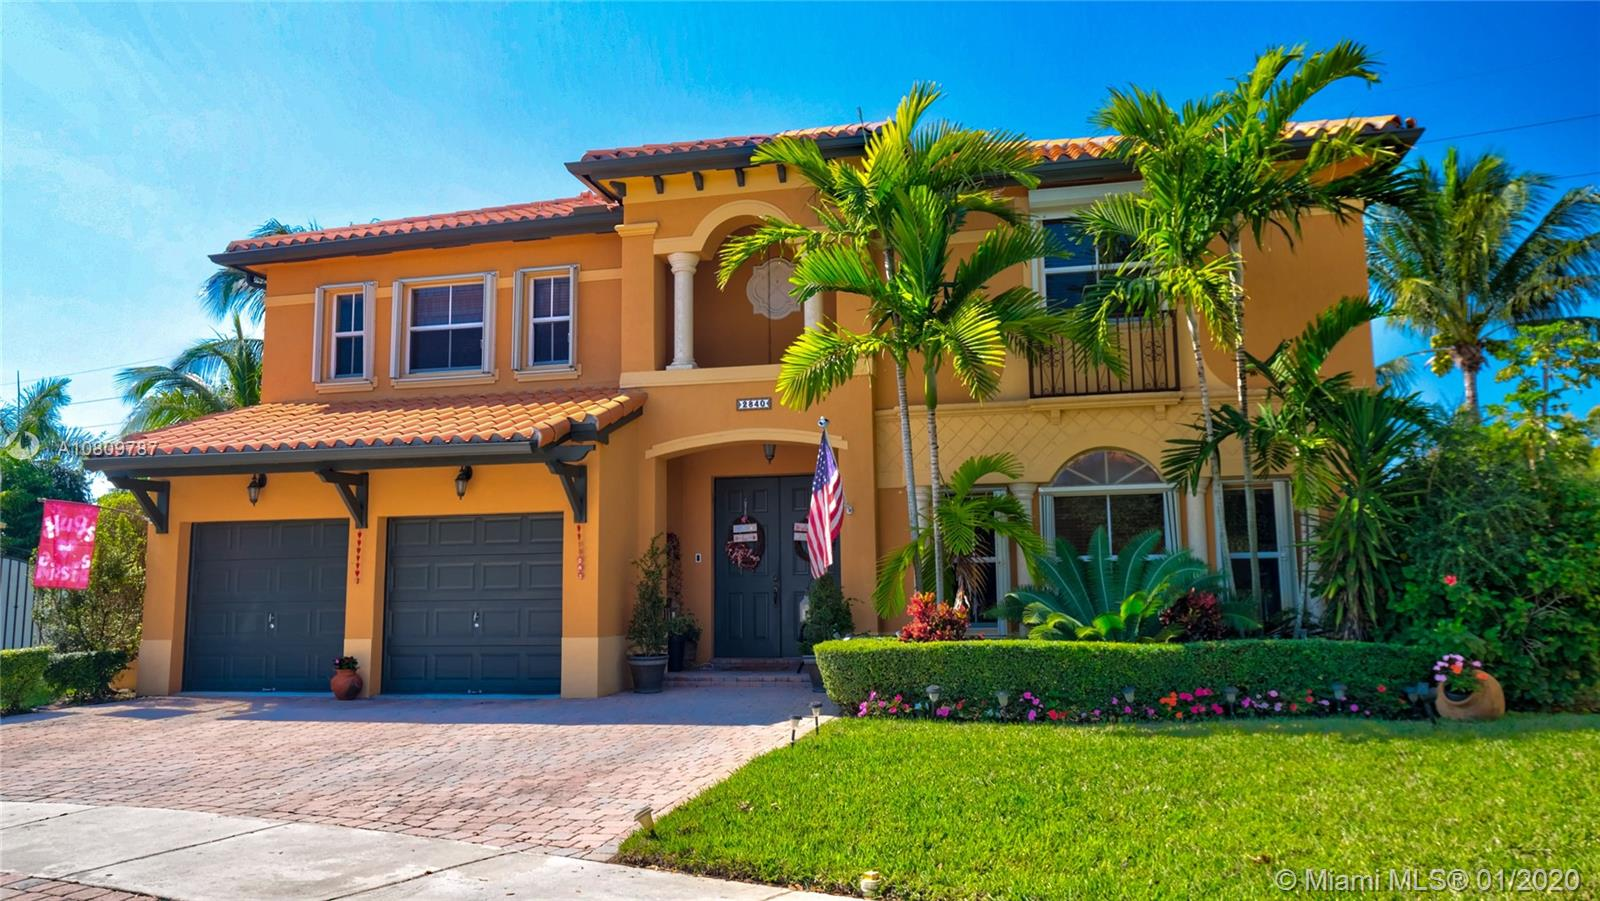 2840 SW 156th Pl, Miami, FL 33185